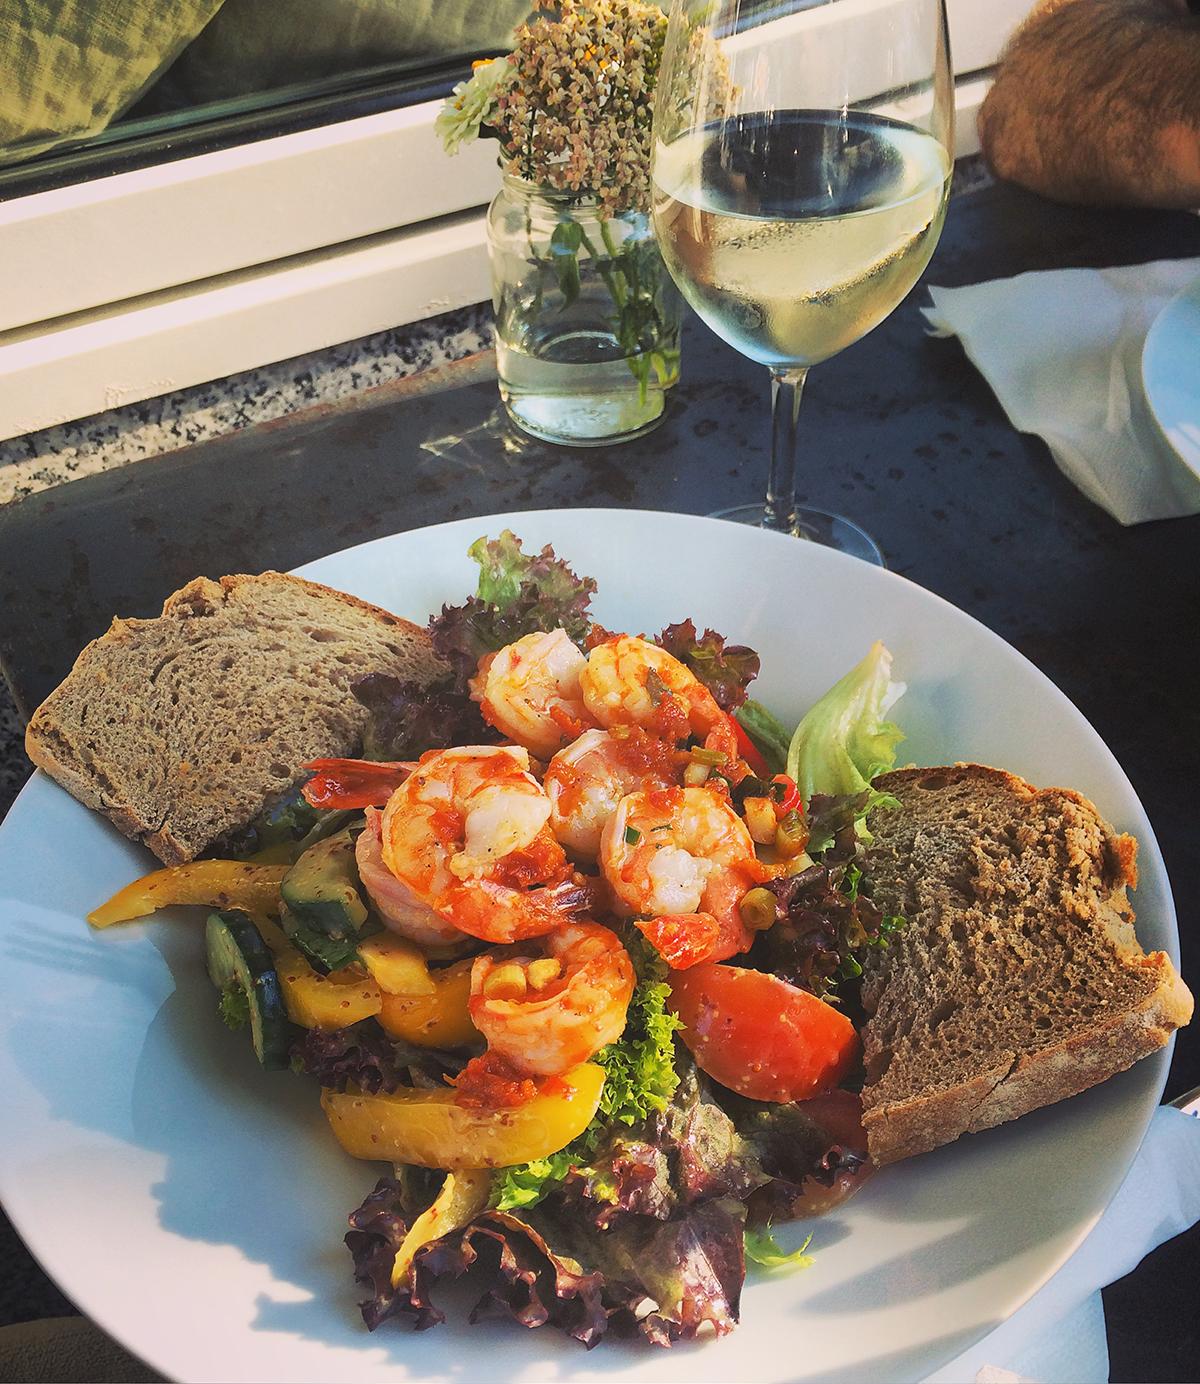 brunswik-kiel-salat-scampi